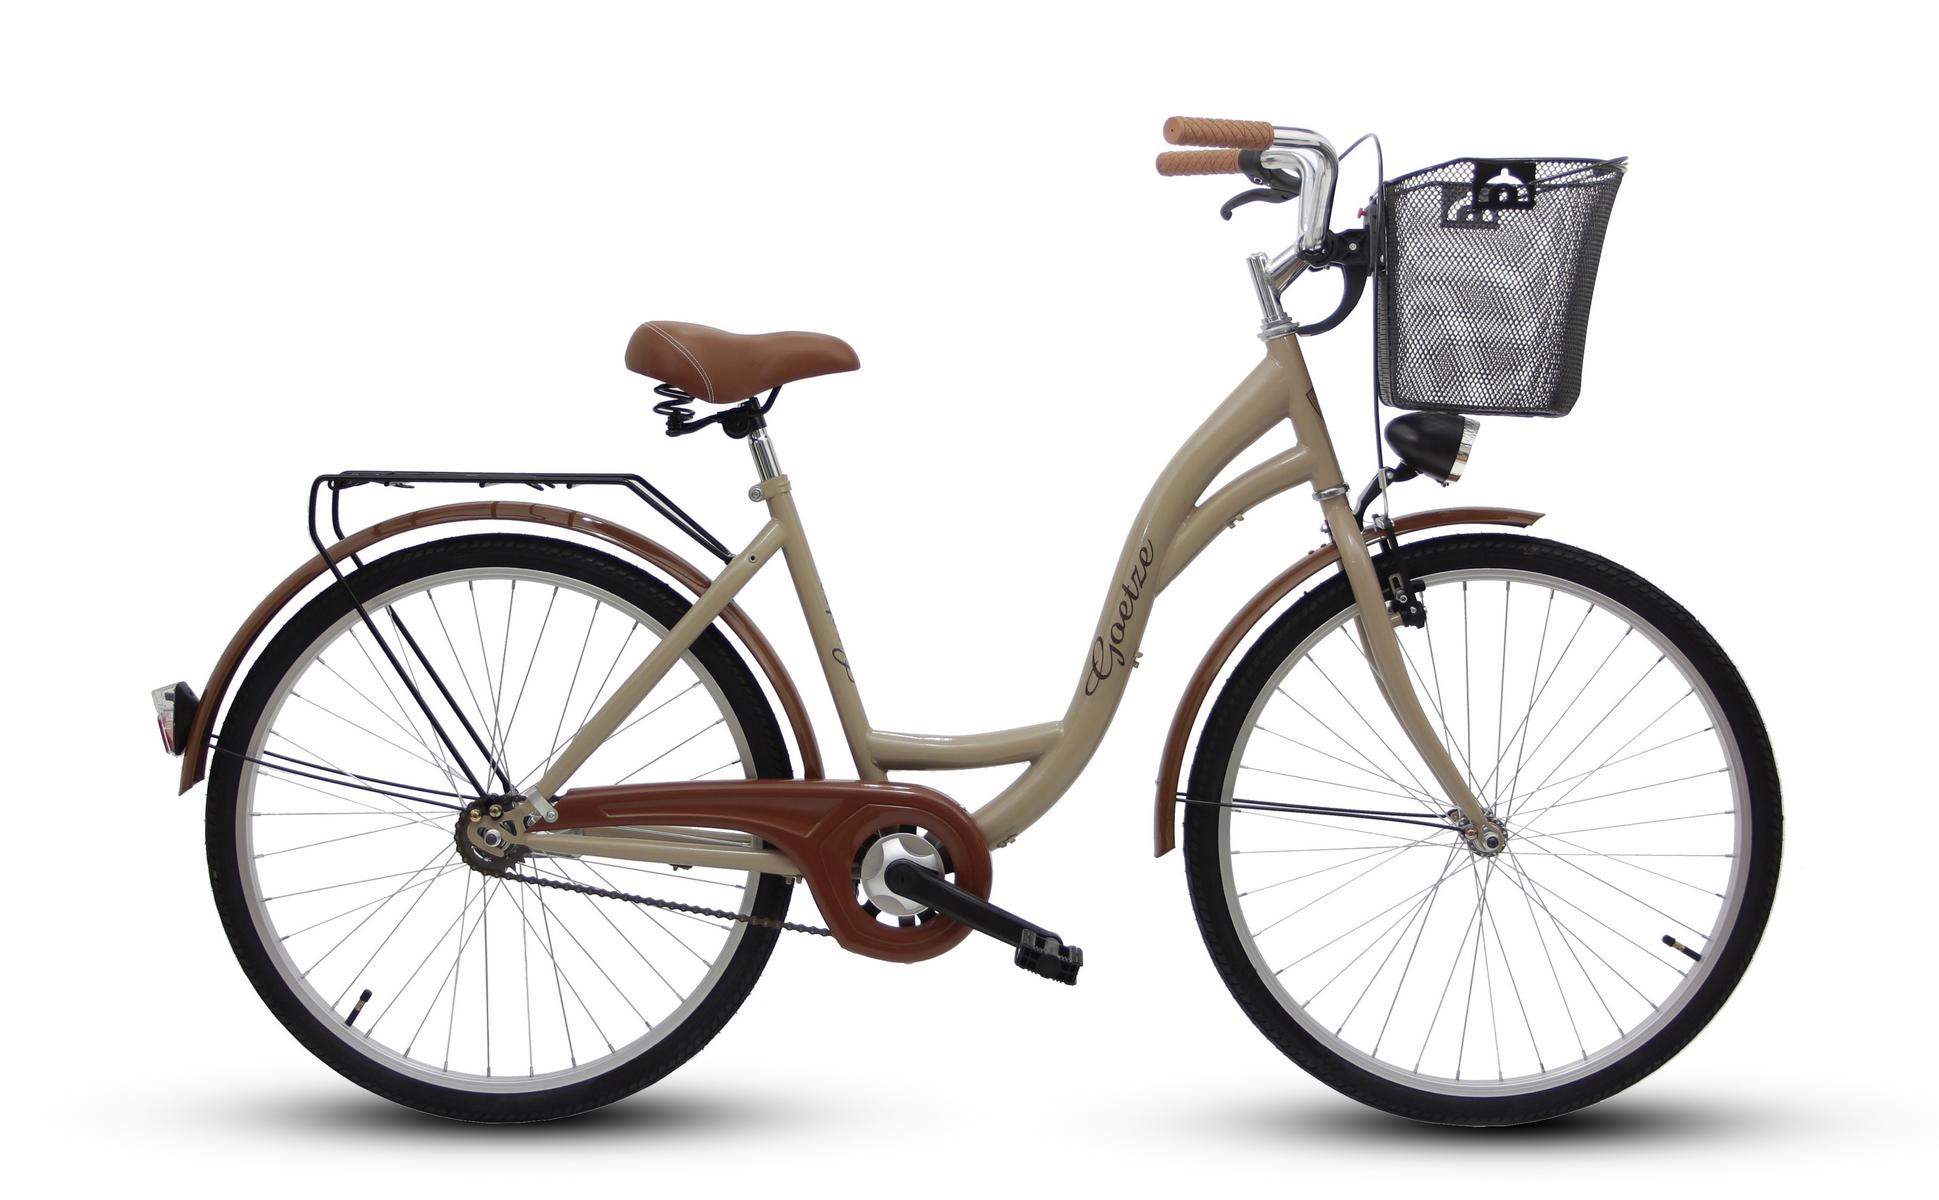 Dámsky mestský bicykel GOETZE 26 eco lady + košík !!!  Materiál rámu oceľ